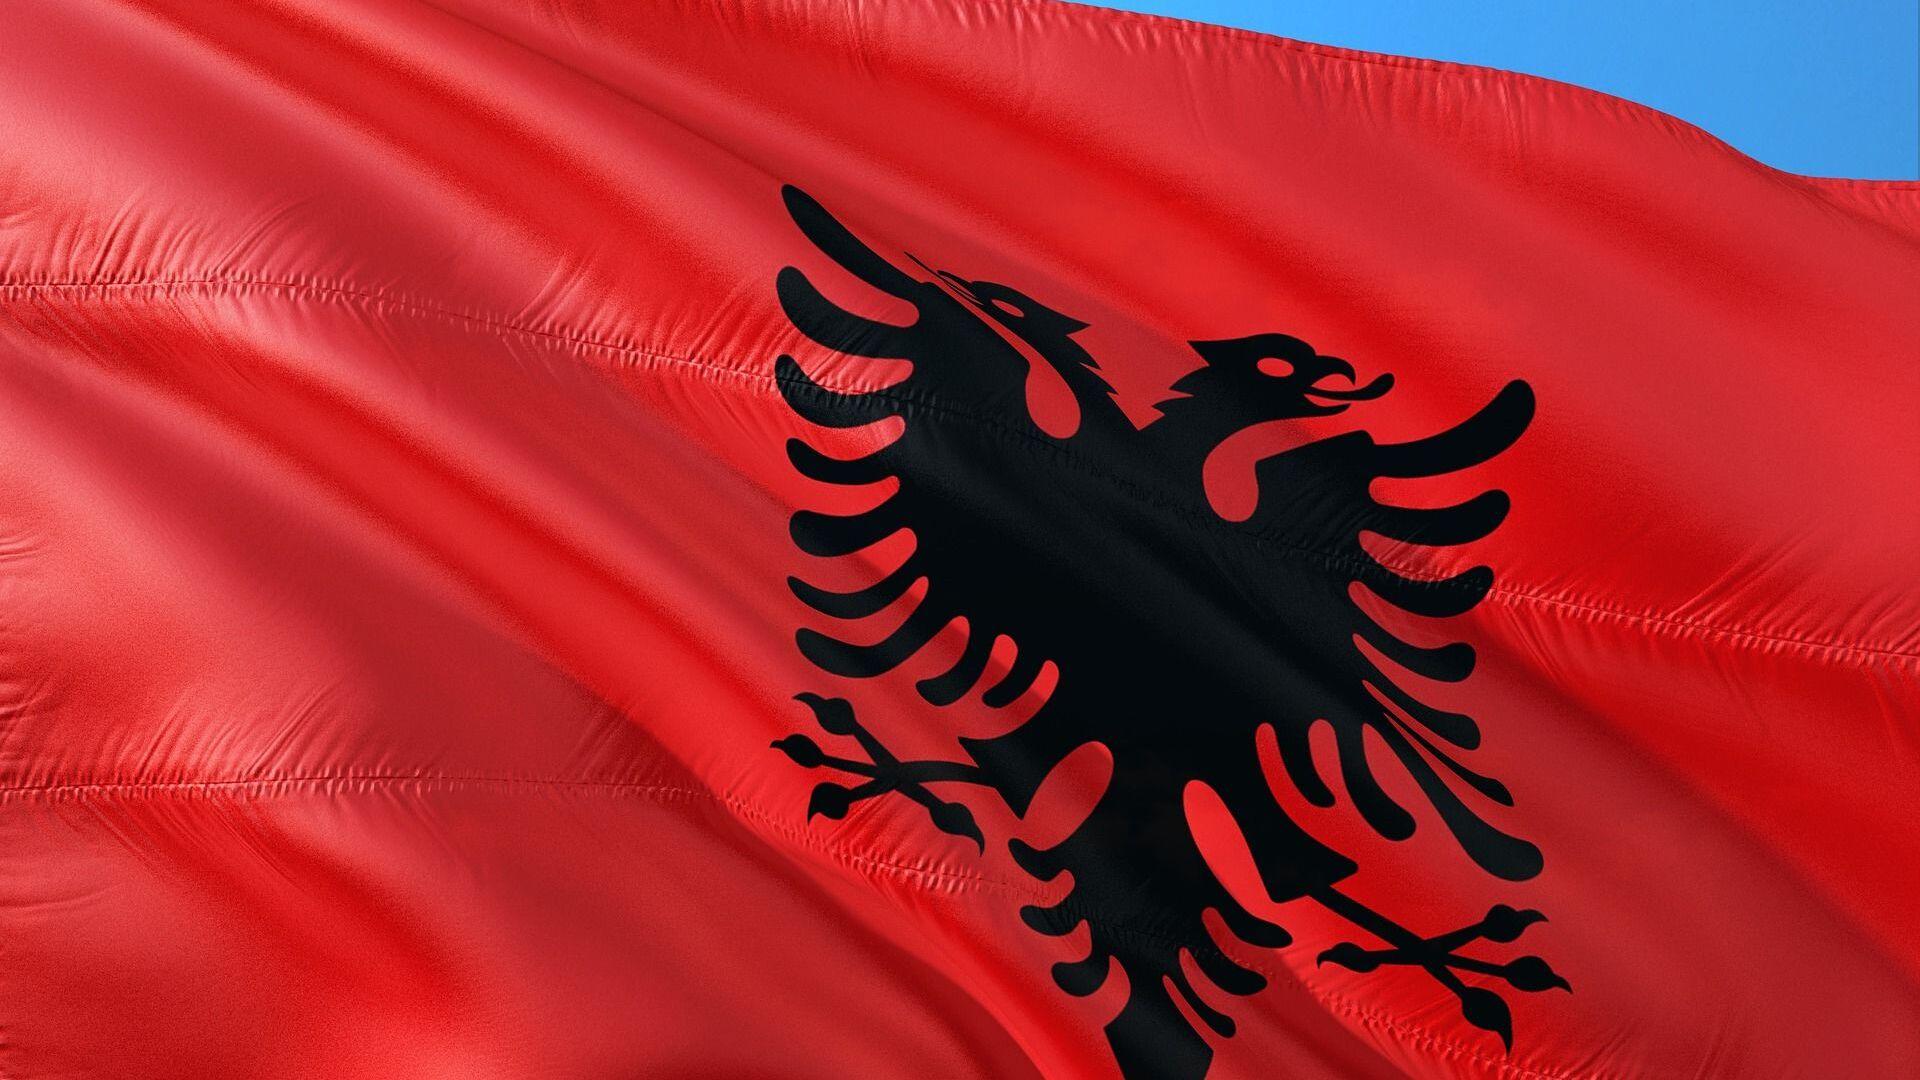 Zastava Albanije - Sputnik Srbija, 1920, 13.09.2021